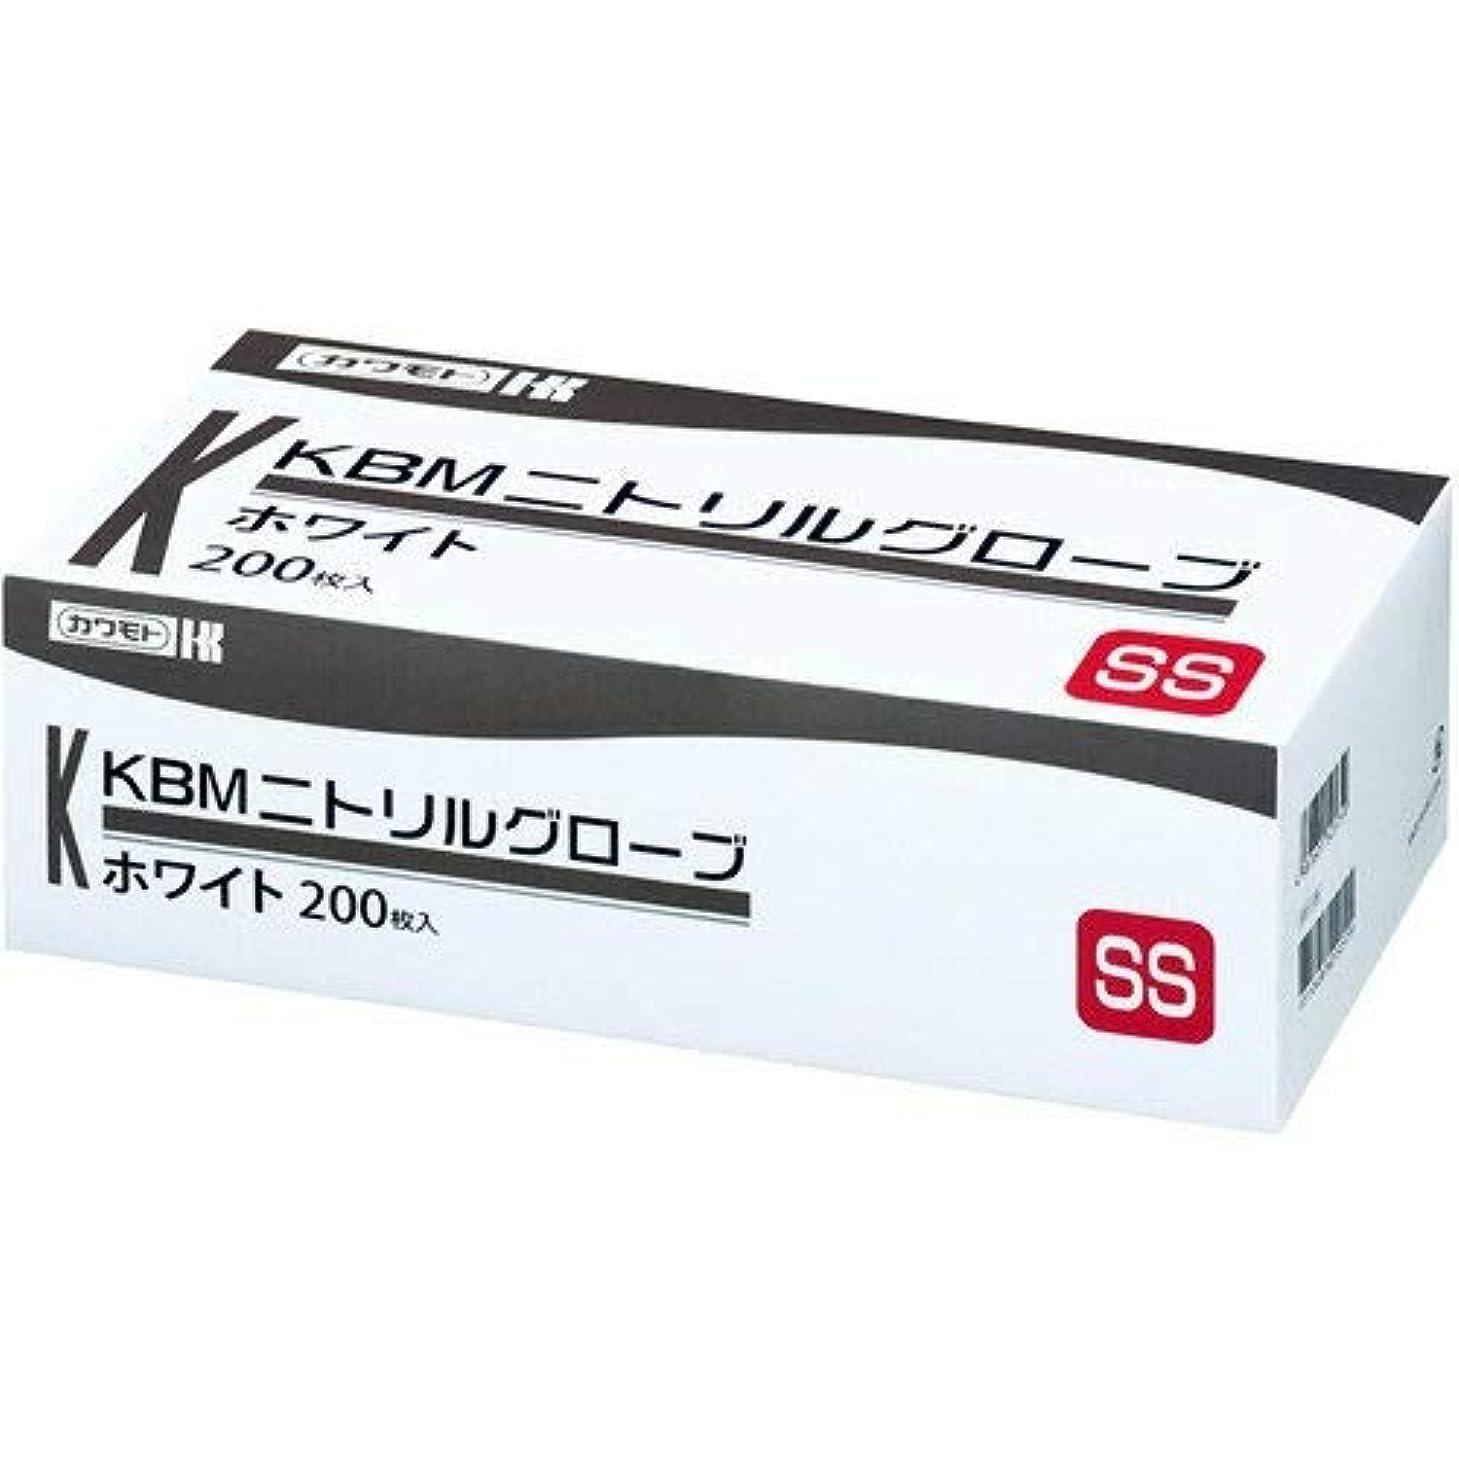 わかる満了つづり川本産業 カワモト ニトリルグローブ ホワイト SS 200枚入